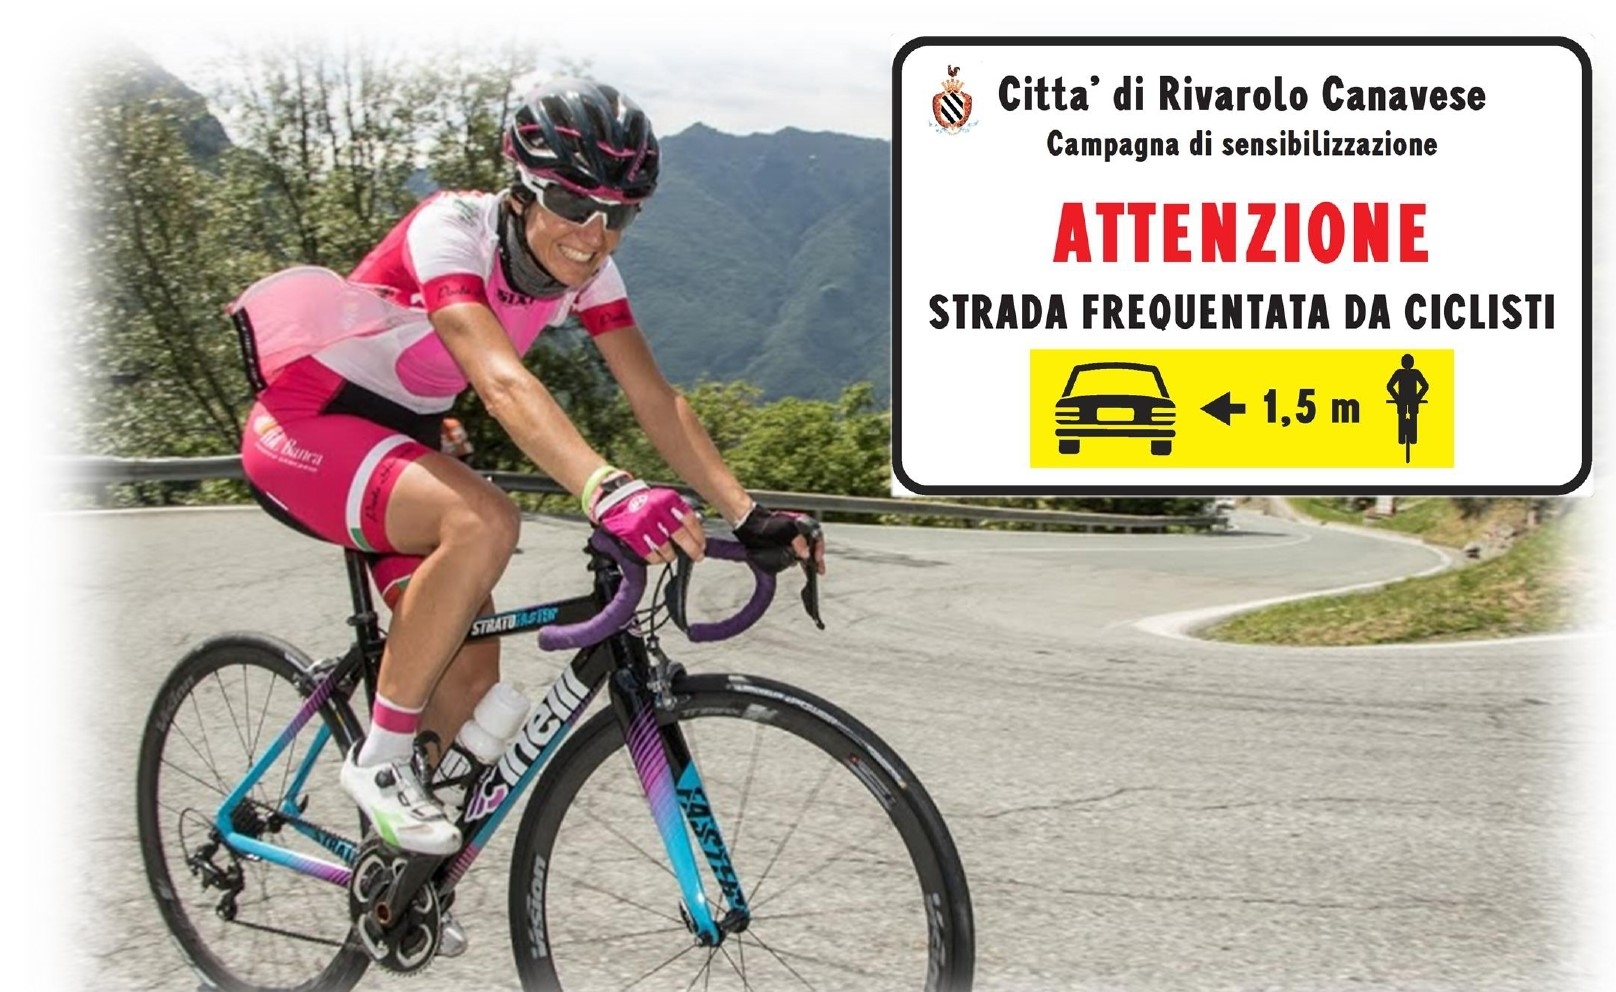 RIVAROLO - «Io rispetto il ciclista»: taglio del nastro per i cartelli stradali che sensibilizzano gli automobilisti alla sicurezza di chi va in bici